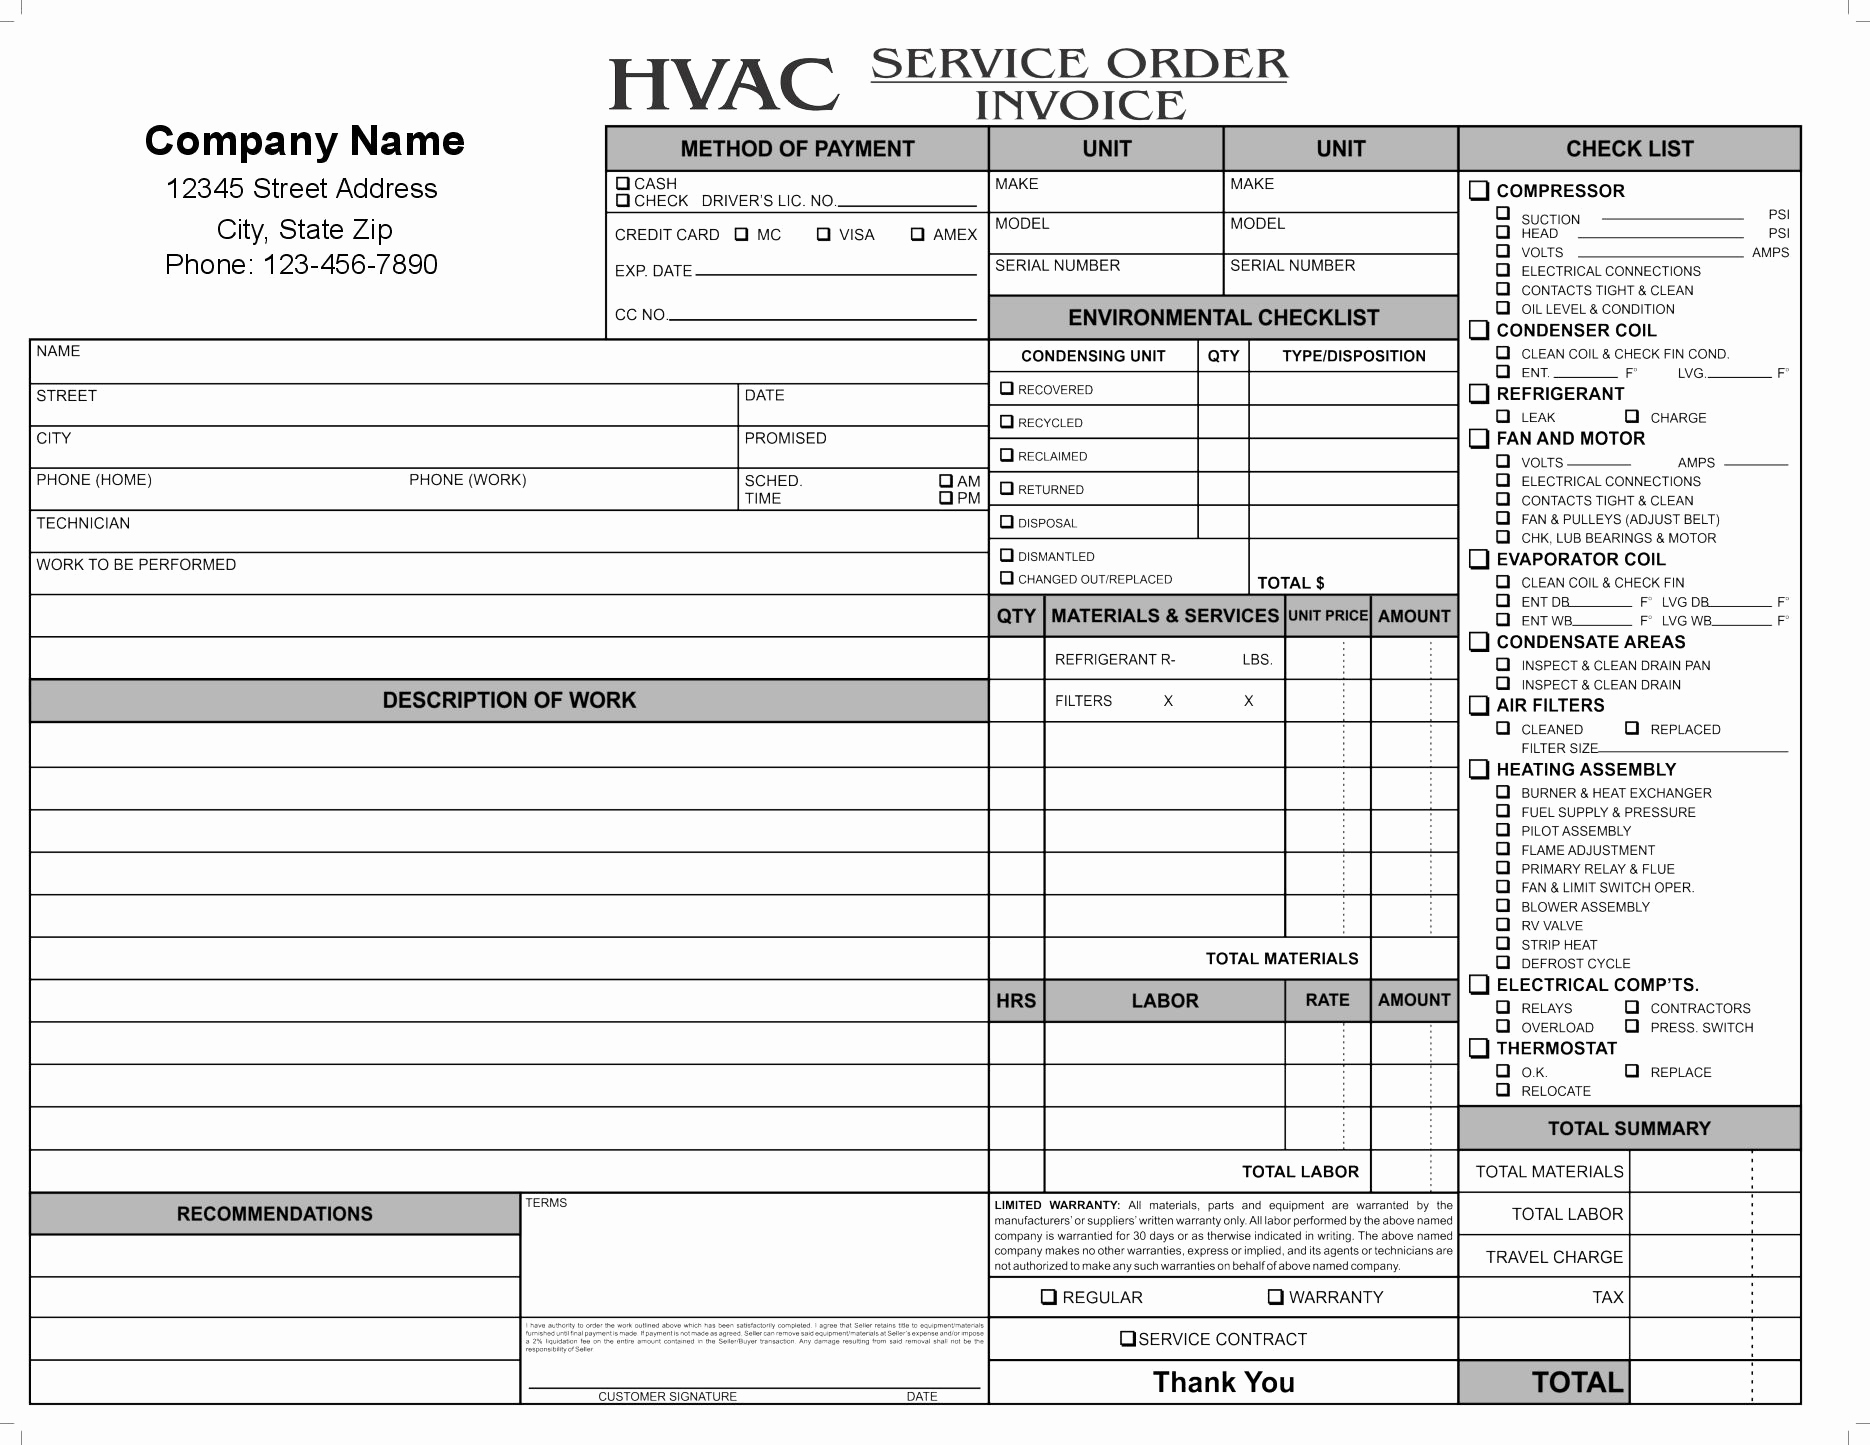 Free Hvac Invoice Template Unique 11 Hvac Invoice Template Free top Invoice Templates Hvac